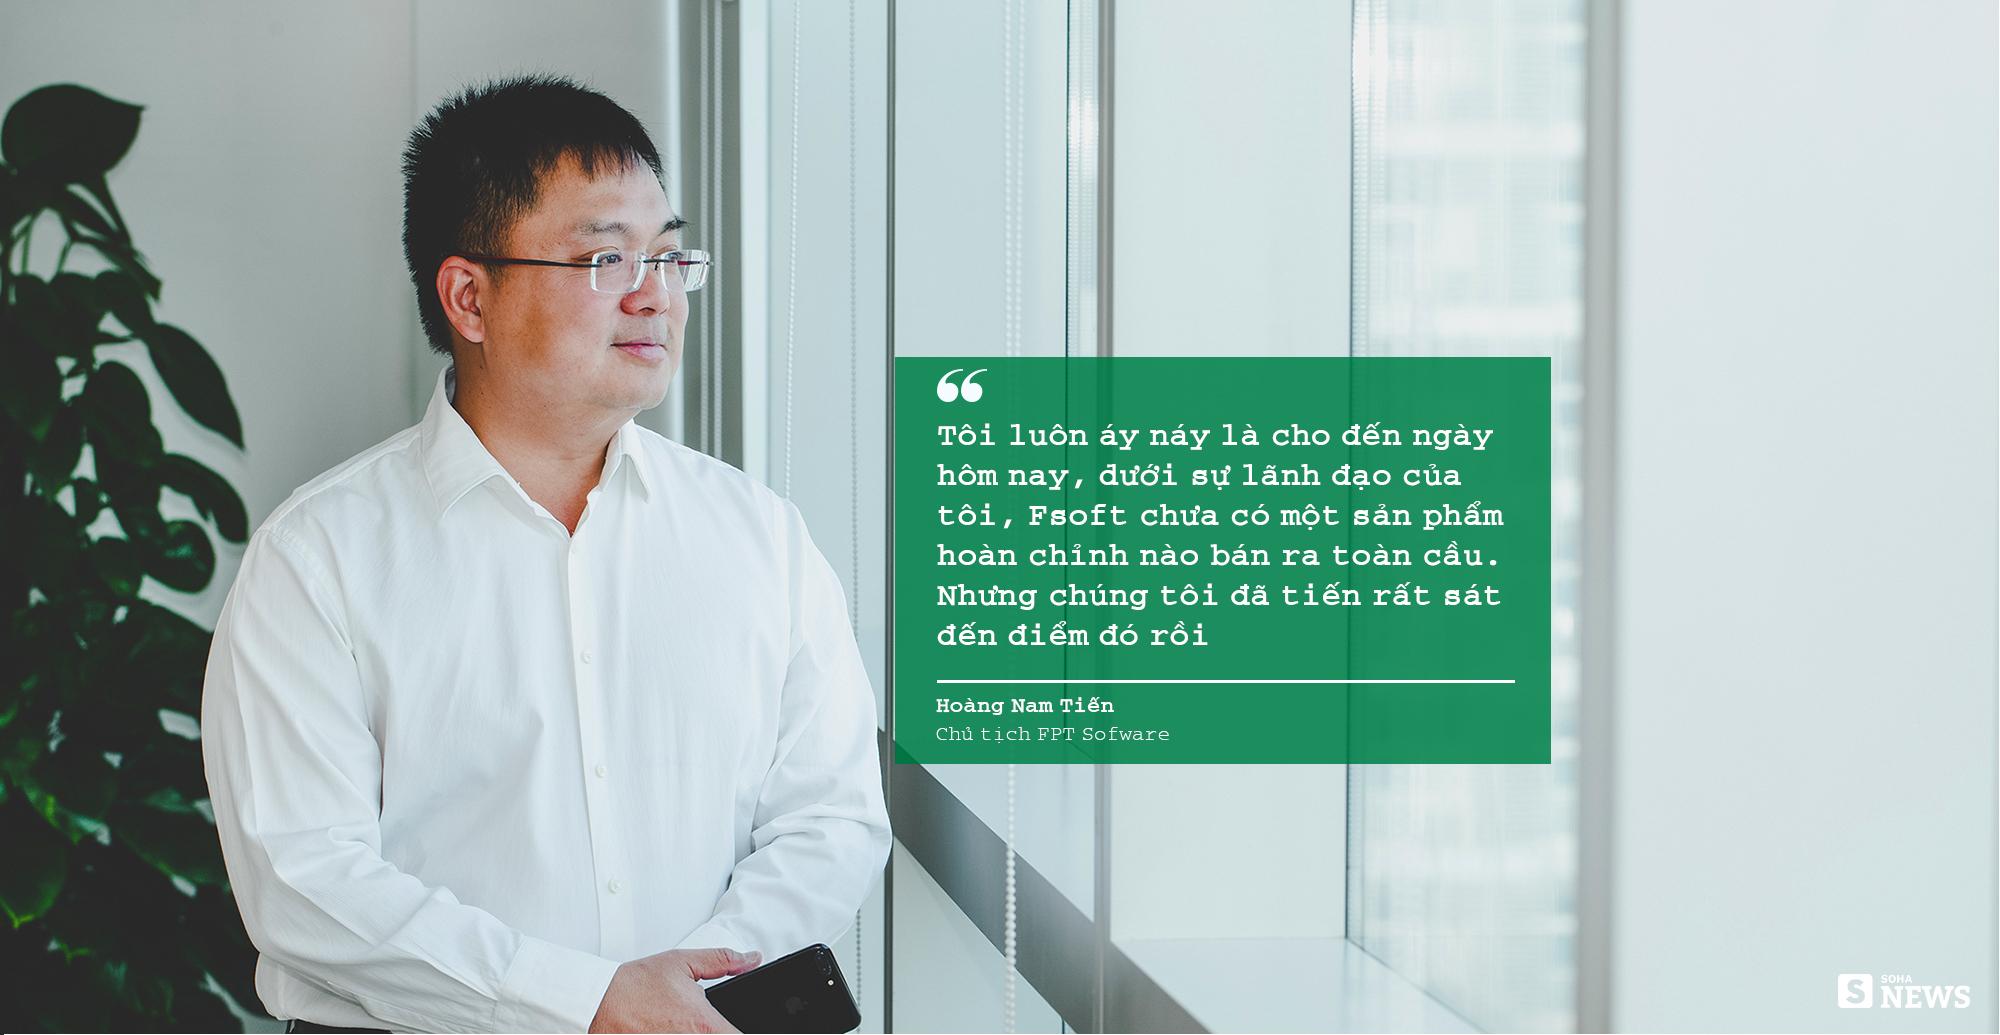 """Chủ tịch FPT Software Hoàng Nam Tiến: """"Nếu cứ phân tích SWOT như các bạn Tây thì không công ty Việt Nam nào dám bước ra khỏi biên giới"""" - Ảnh 11."""